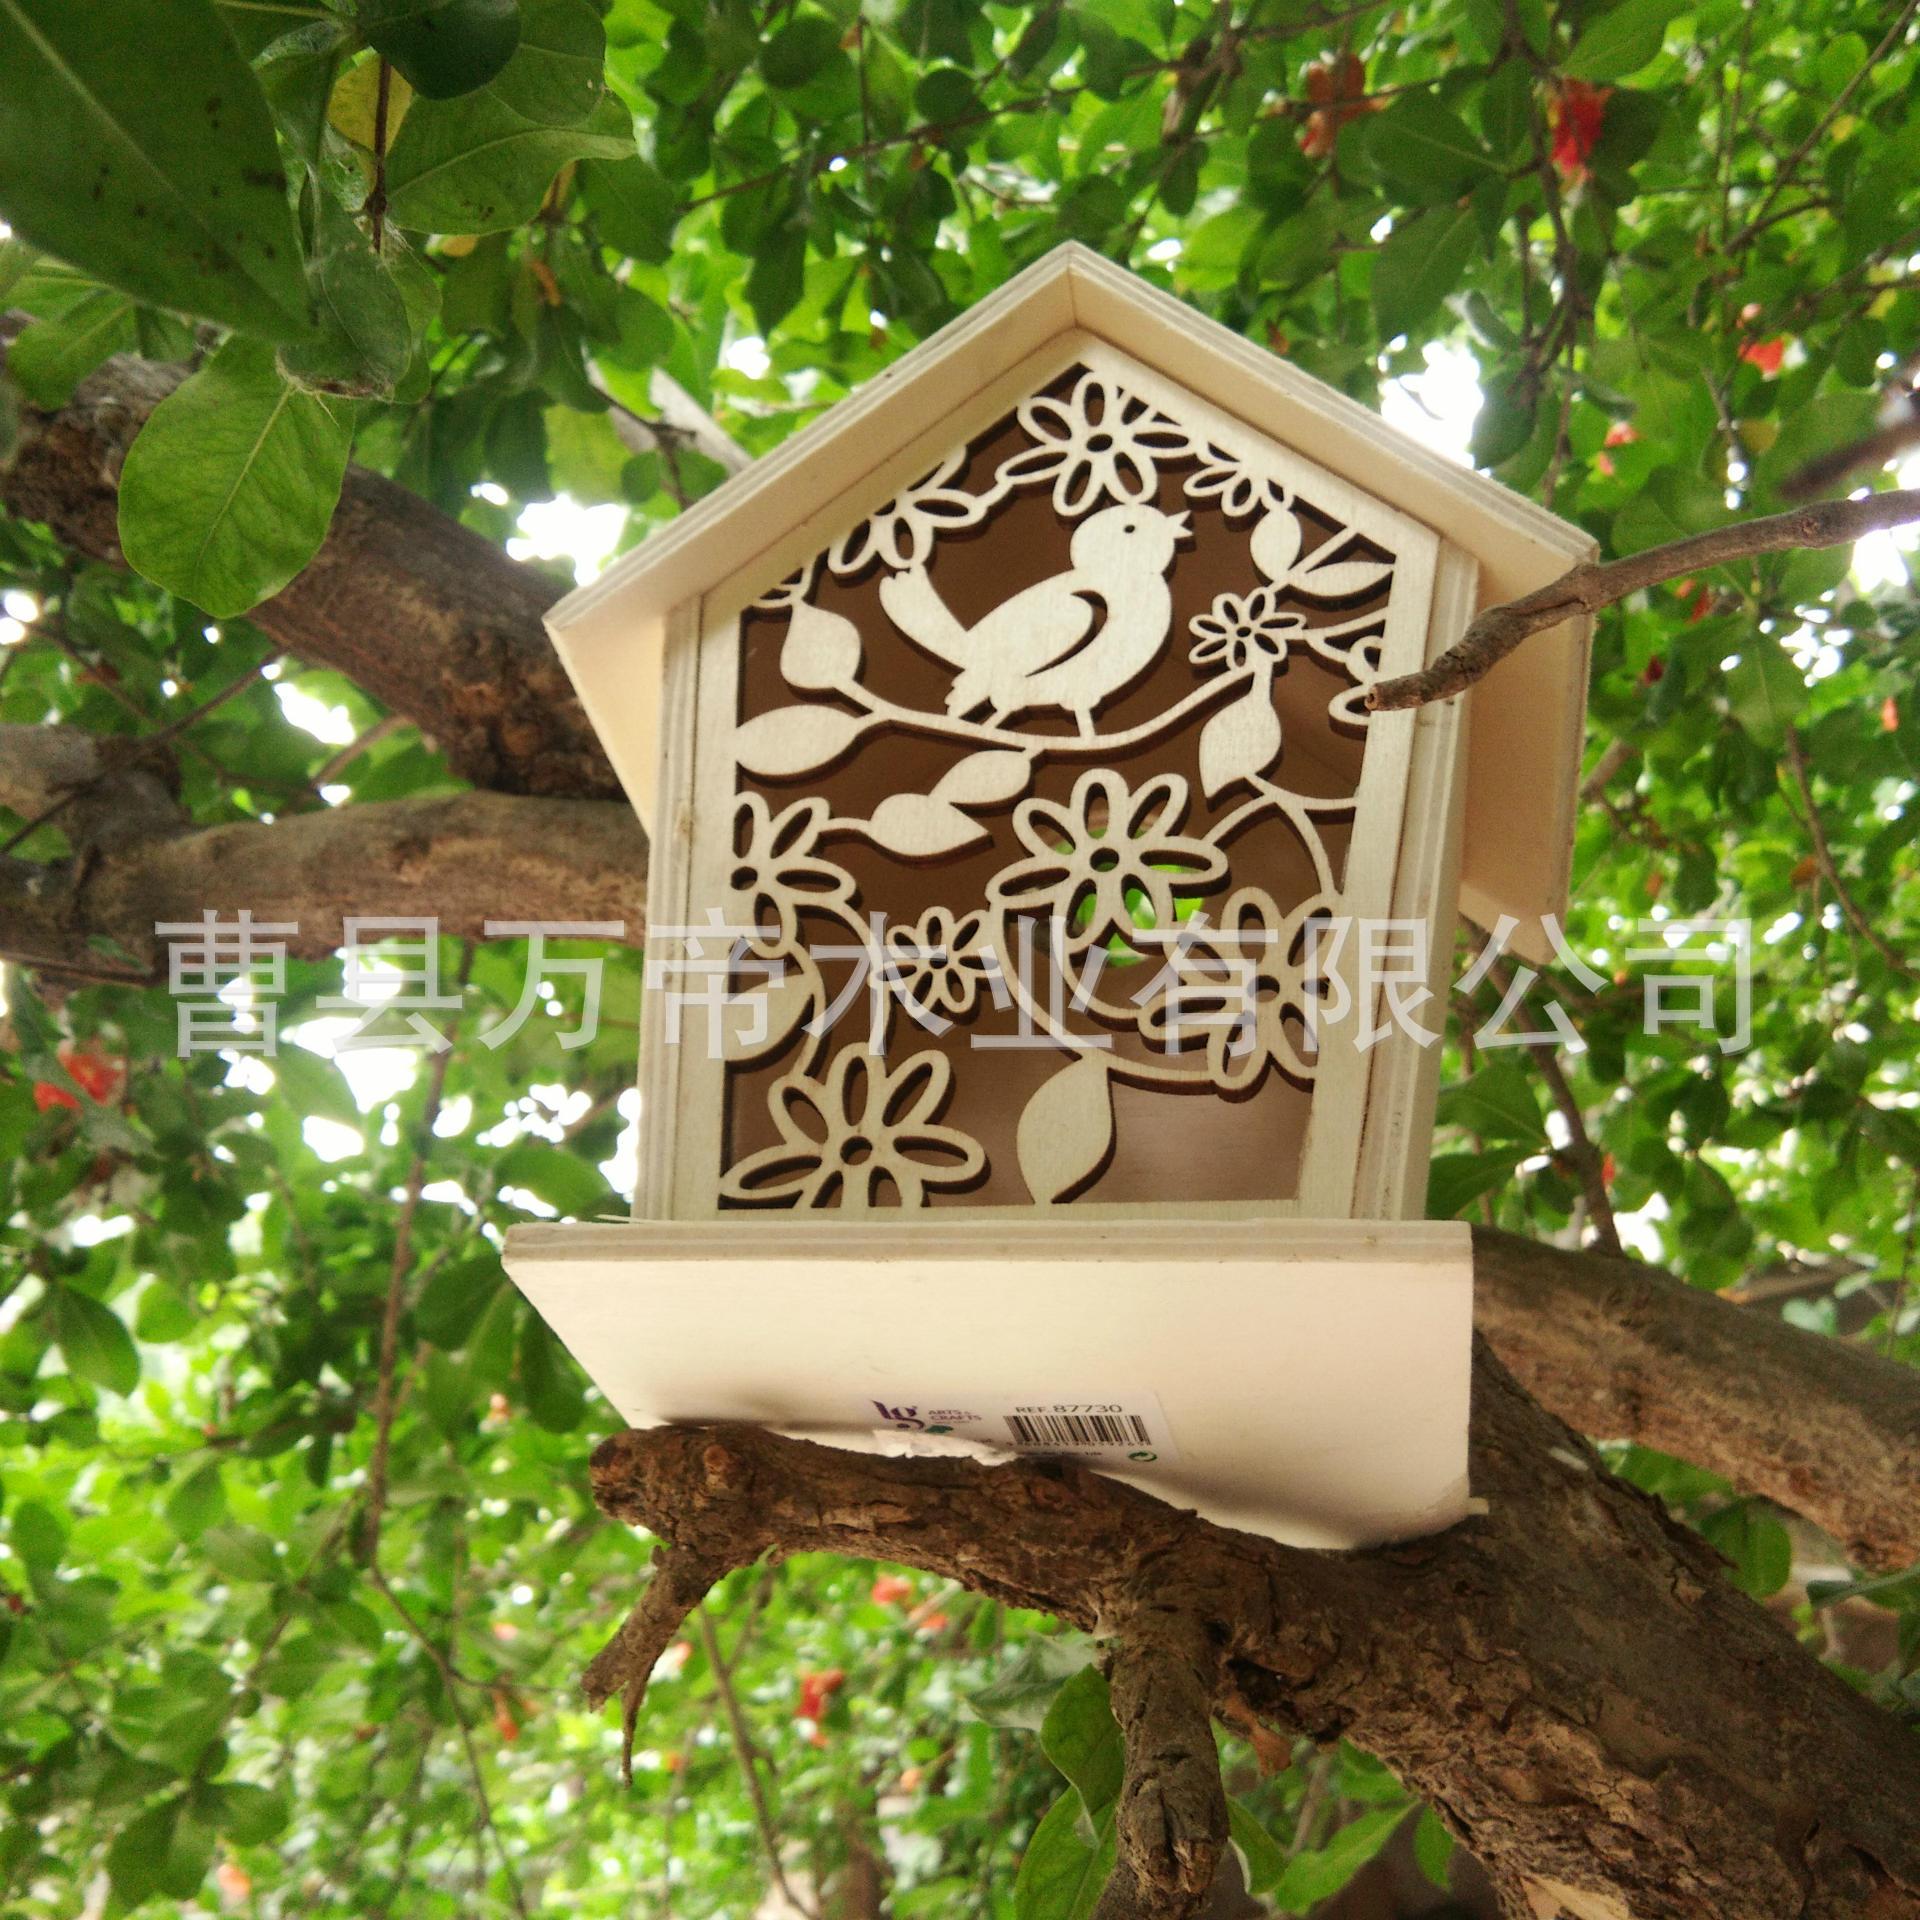 厂价供应木质工艺鸟窝 手工实木鸟巢 装饰鸟笼挂件 鸟窝实木玩具